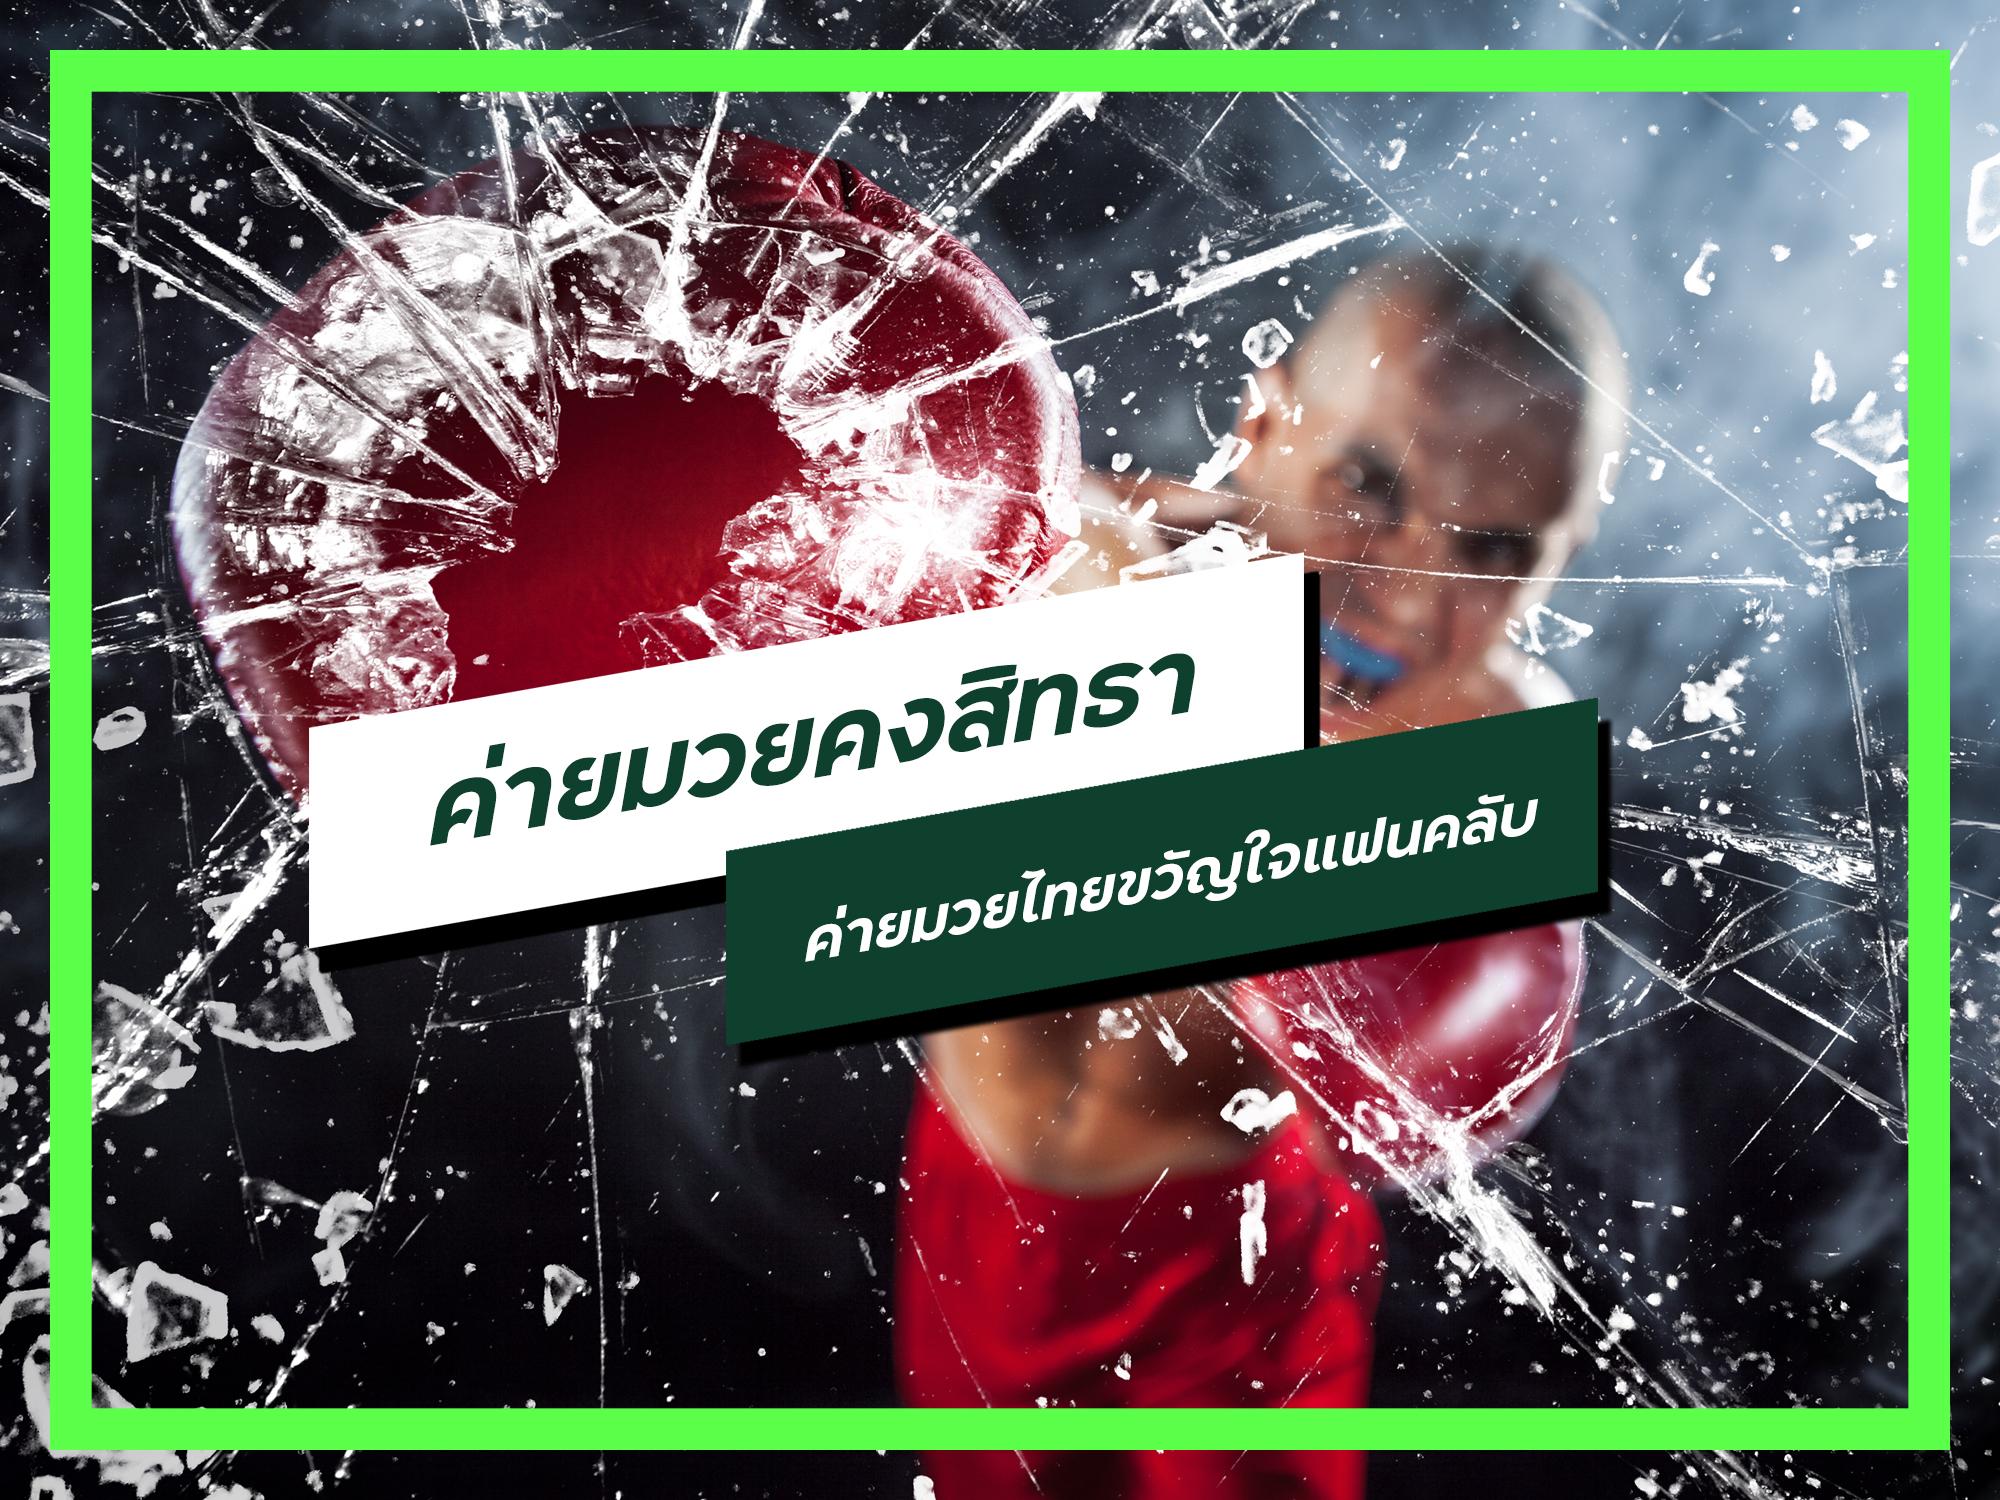 ค่ายมวยคงสิทธา ค่ายมวยไทยขวัญใจแฟนคลับ